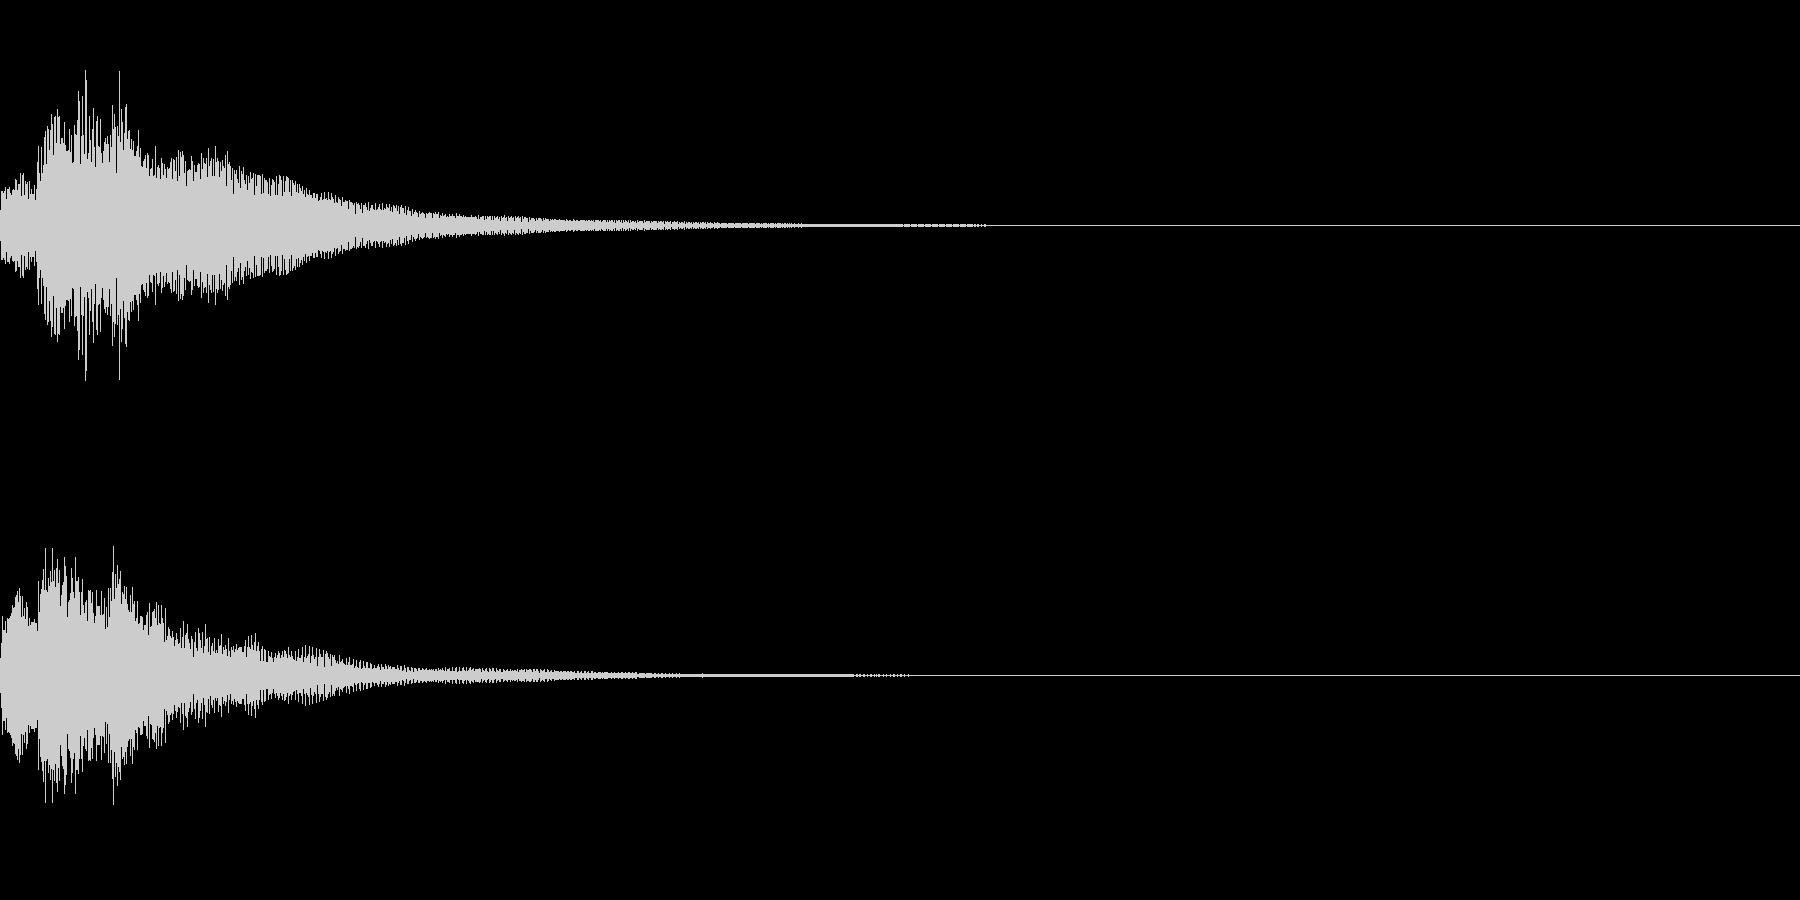 テレレレン 上がる (ゲーム効果音)の未再生の波形